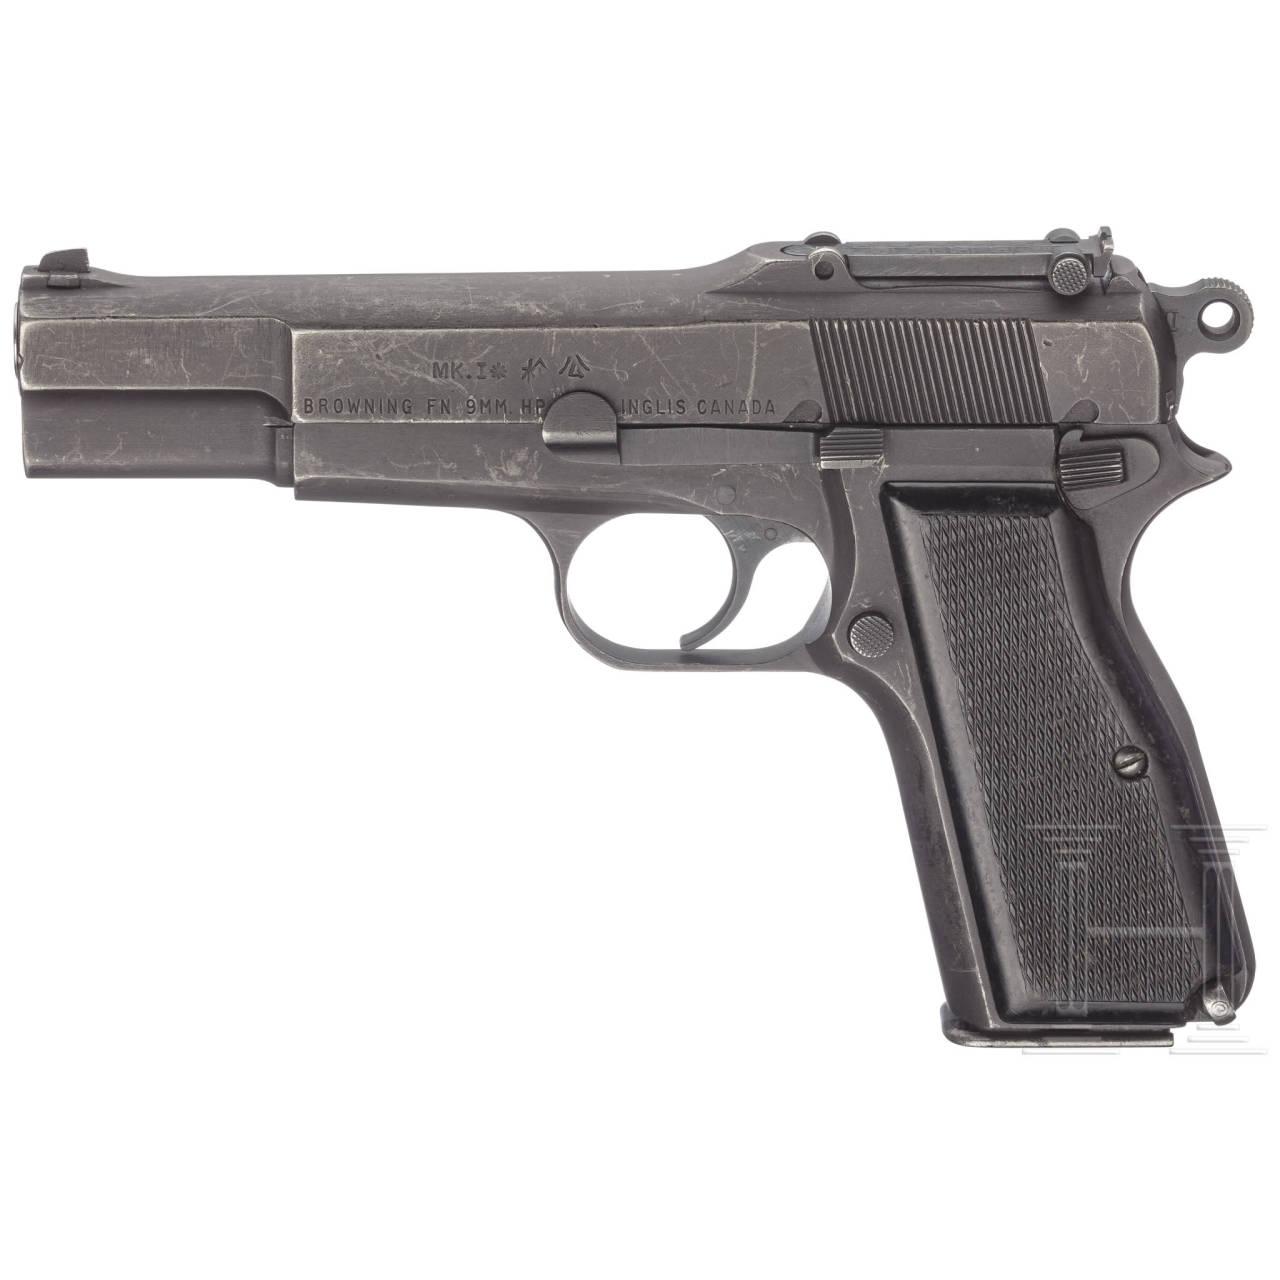 Browning Inglis No. 1 Mk I*